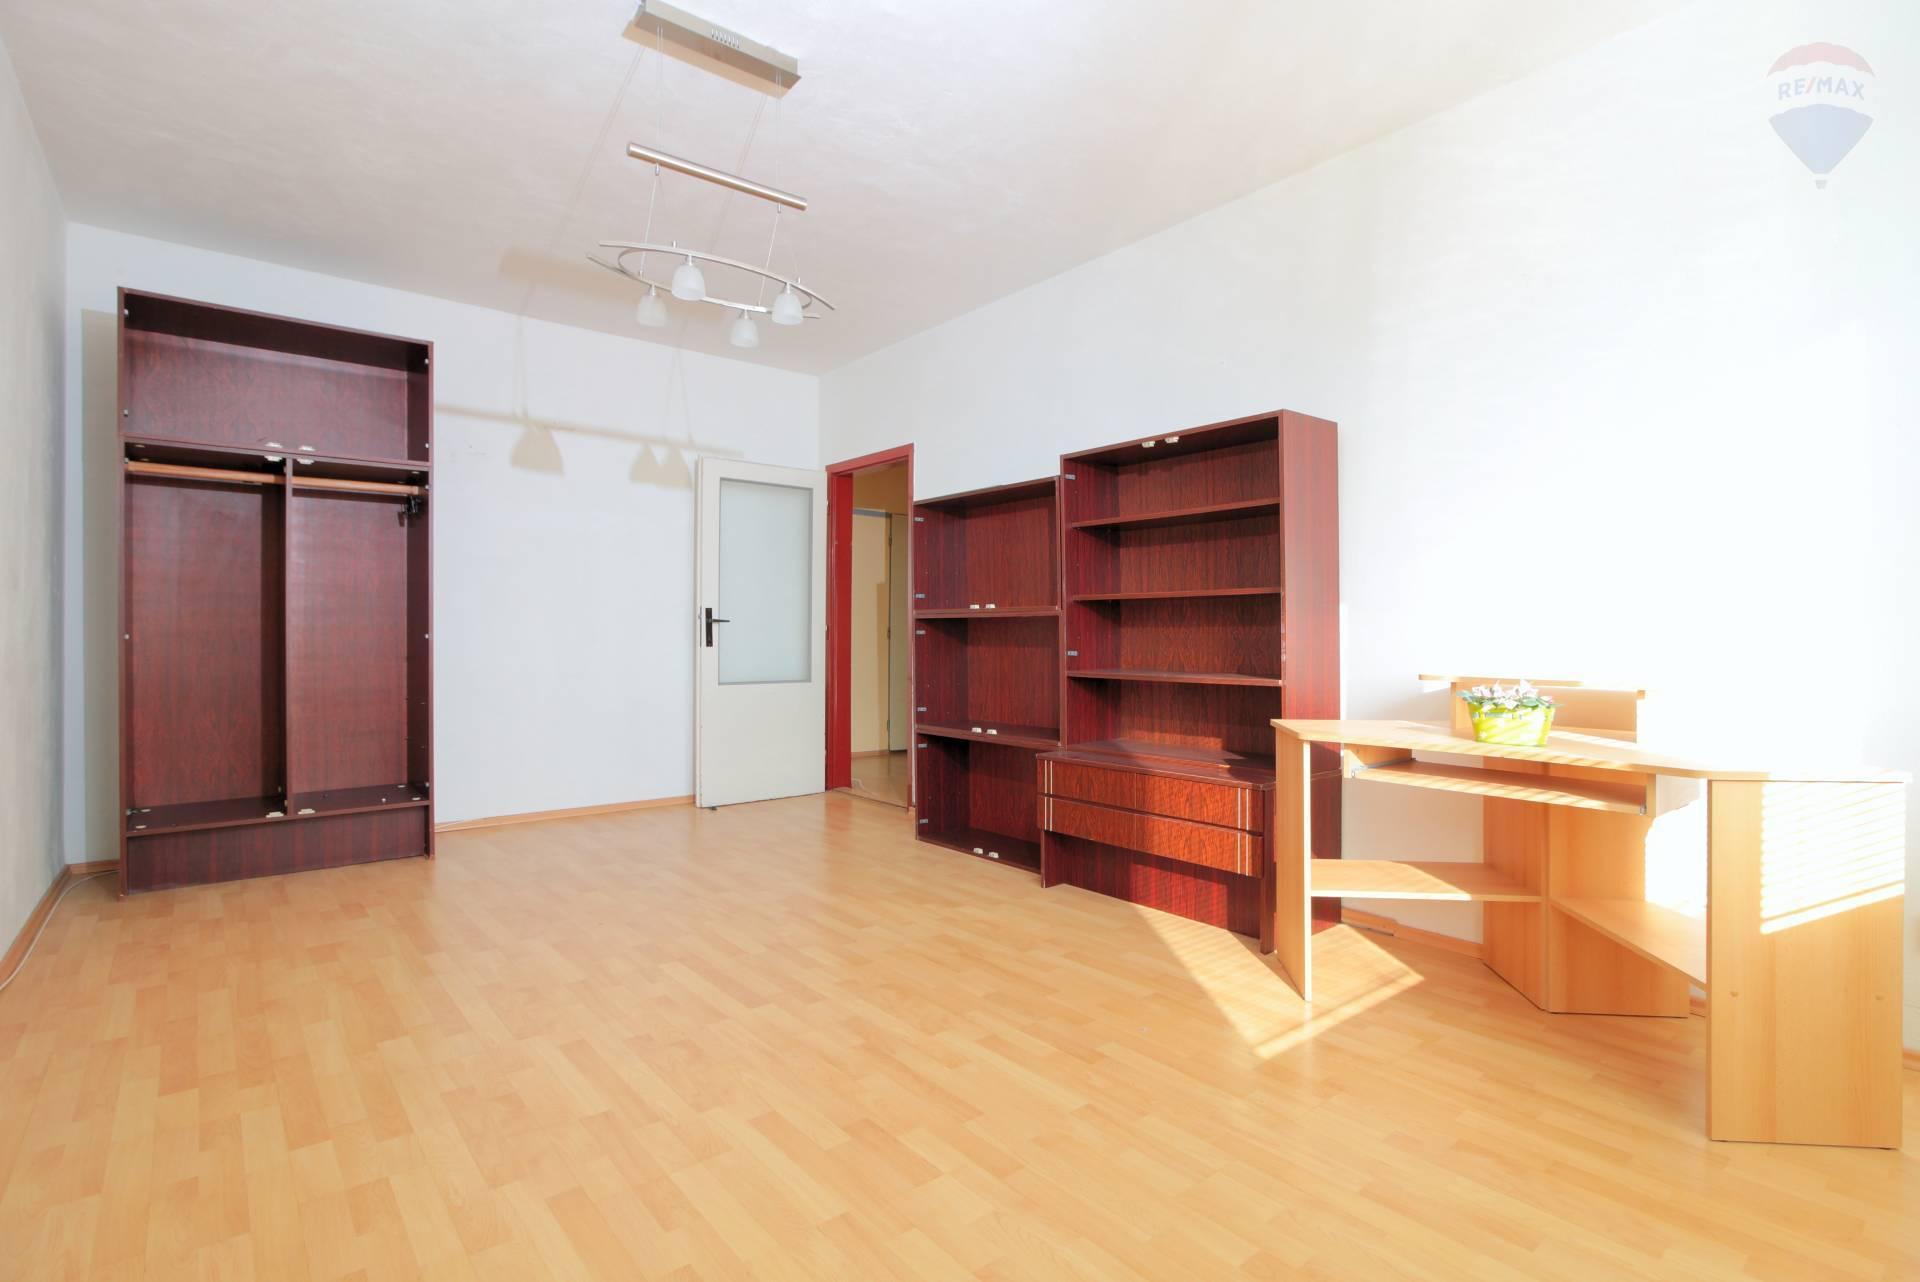 Predaj bytu (3 izbový) 83 m2, Nitra - NA PREDAJ VEĽKÝ 3-IZ. BYT, NITRA - NOVOMESKÉHO ul. NITRA